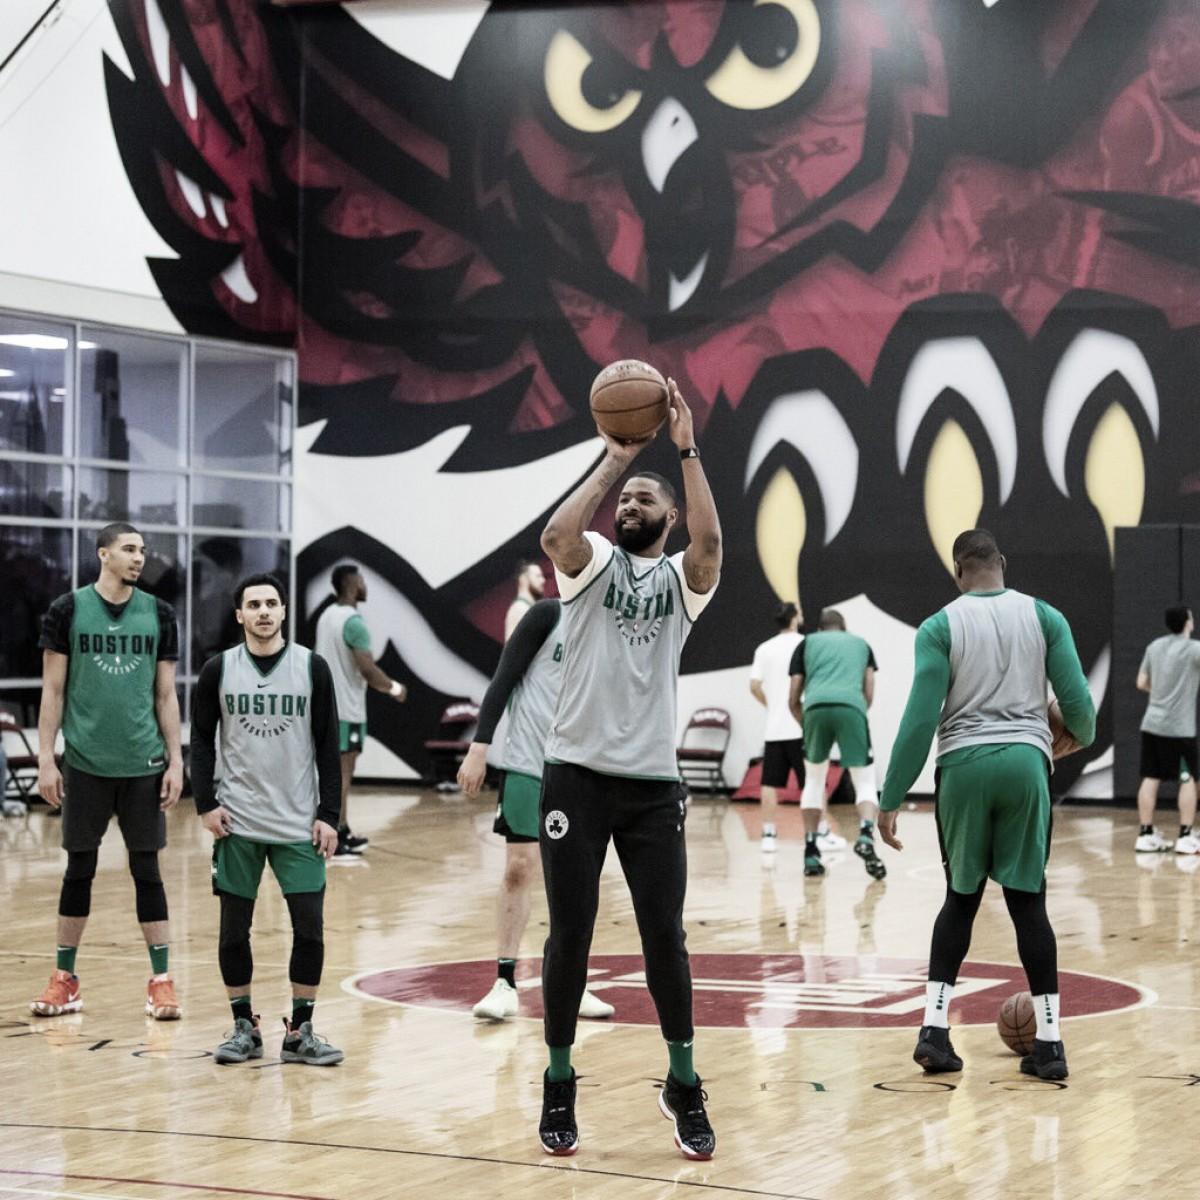 NBA - Boston verso gara-5: il controllo dei nervi e la carica di Morris